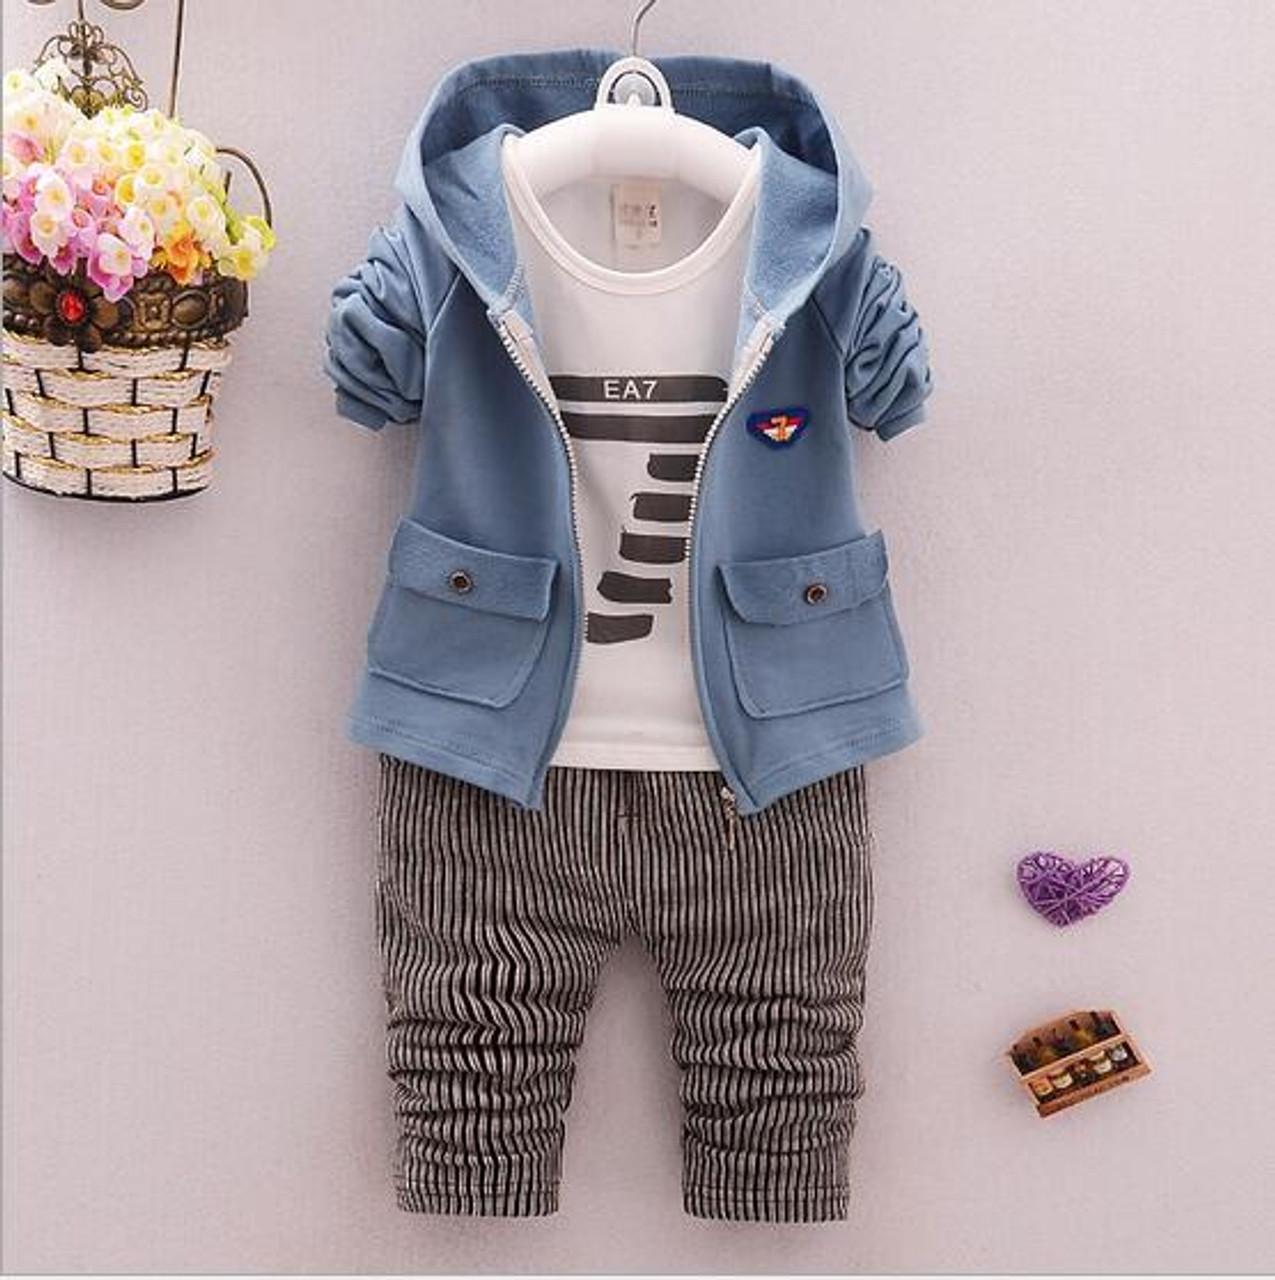 3 pcs baby boy clothing set boys suit kids spring jacket infant coats  Autumn shirt boys trousers fit 7-24 months - OnshopDeals.Com